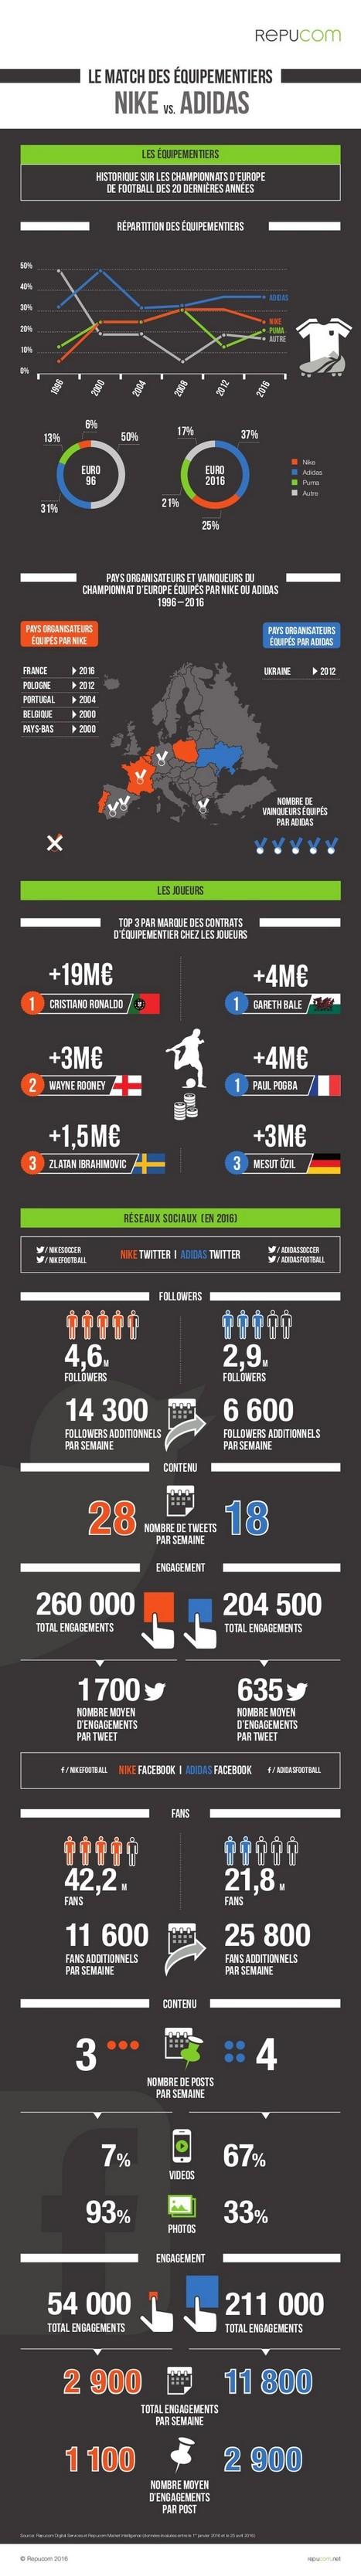 Euro 2016, le match des équipementiers | Les infographies ! | Scoop.it